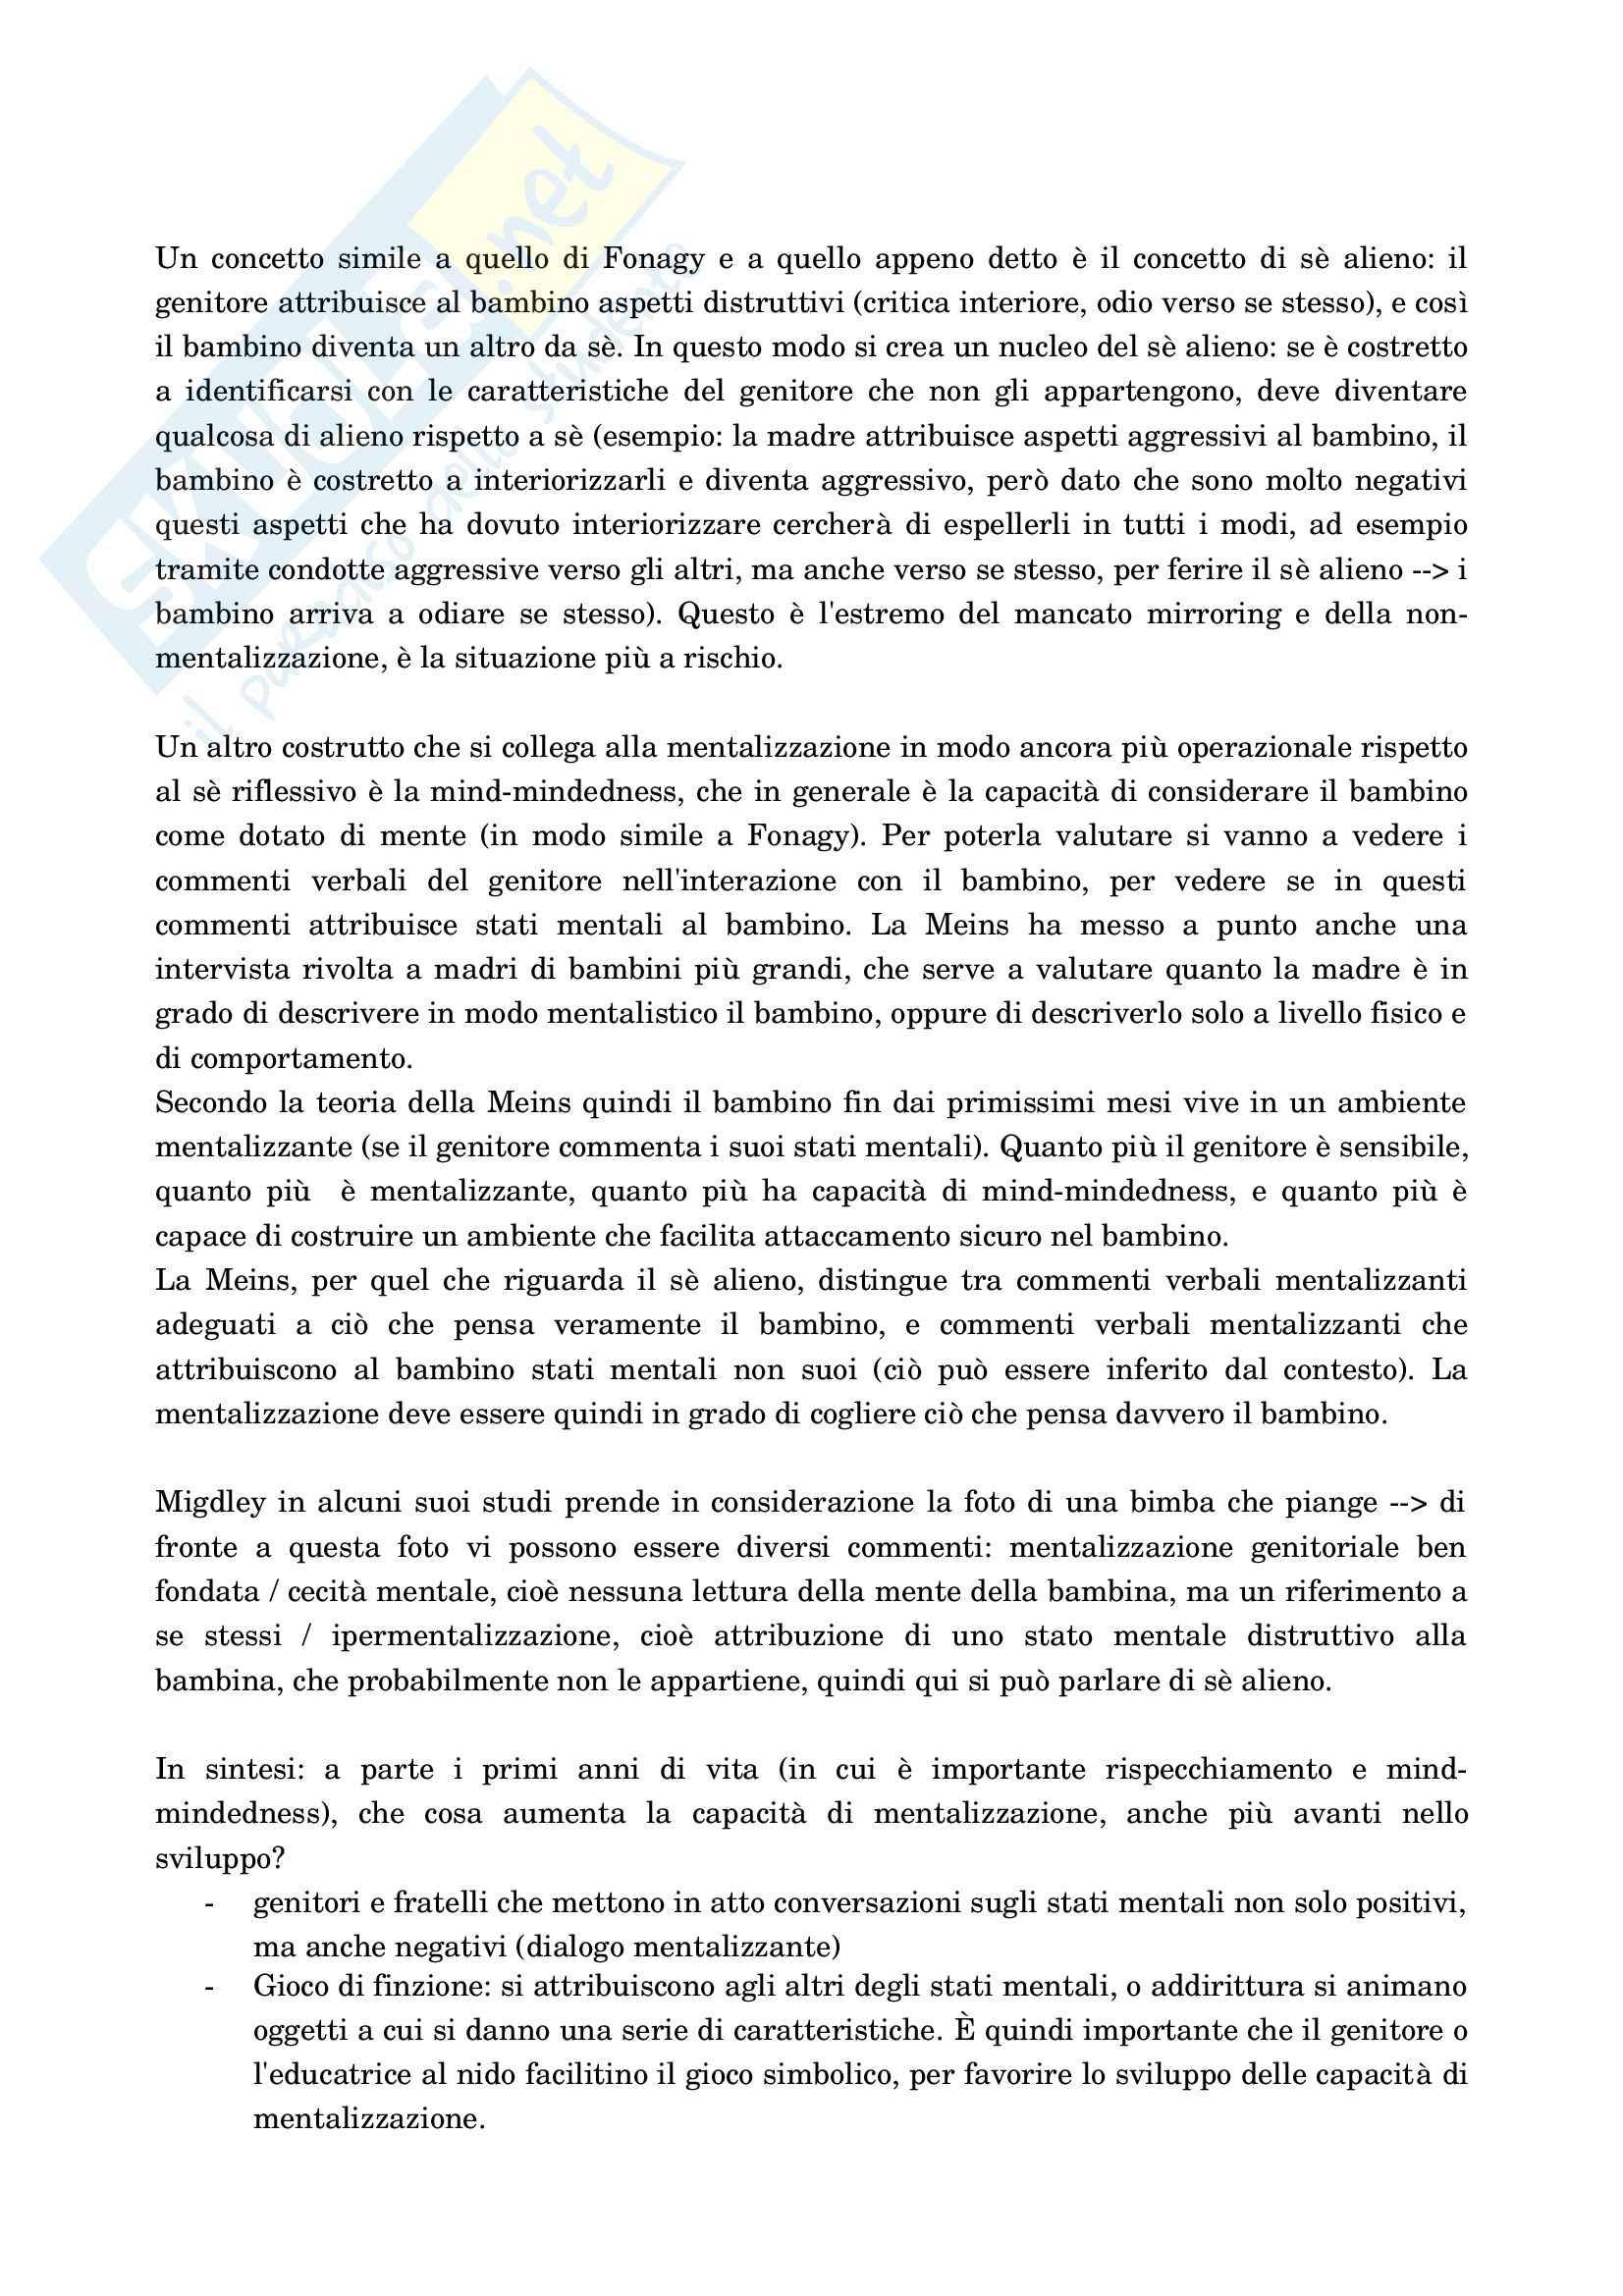 Psicologia dello sviluppo socio-affettivo Pag. 81